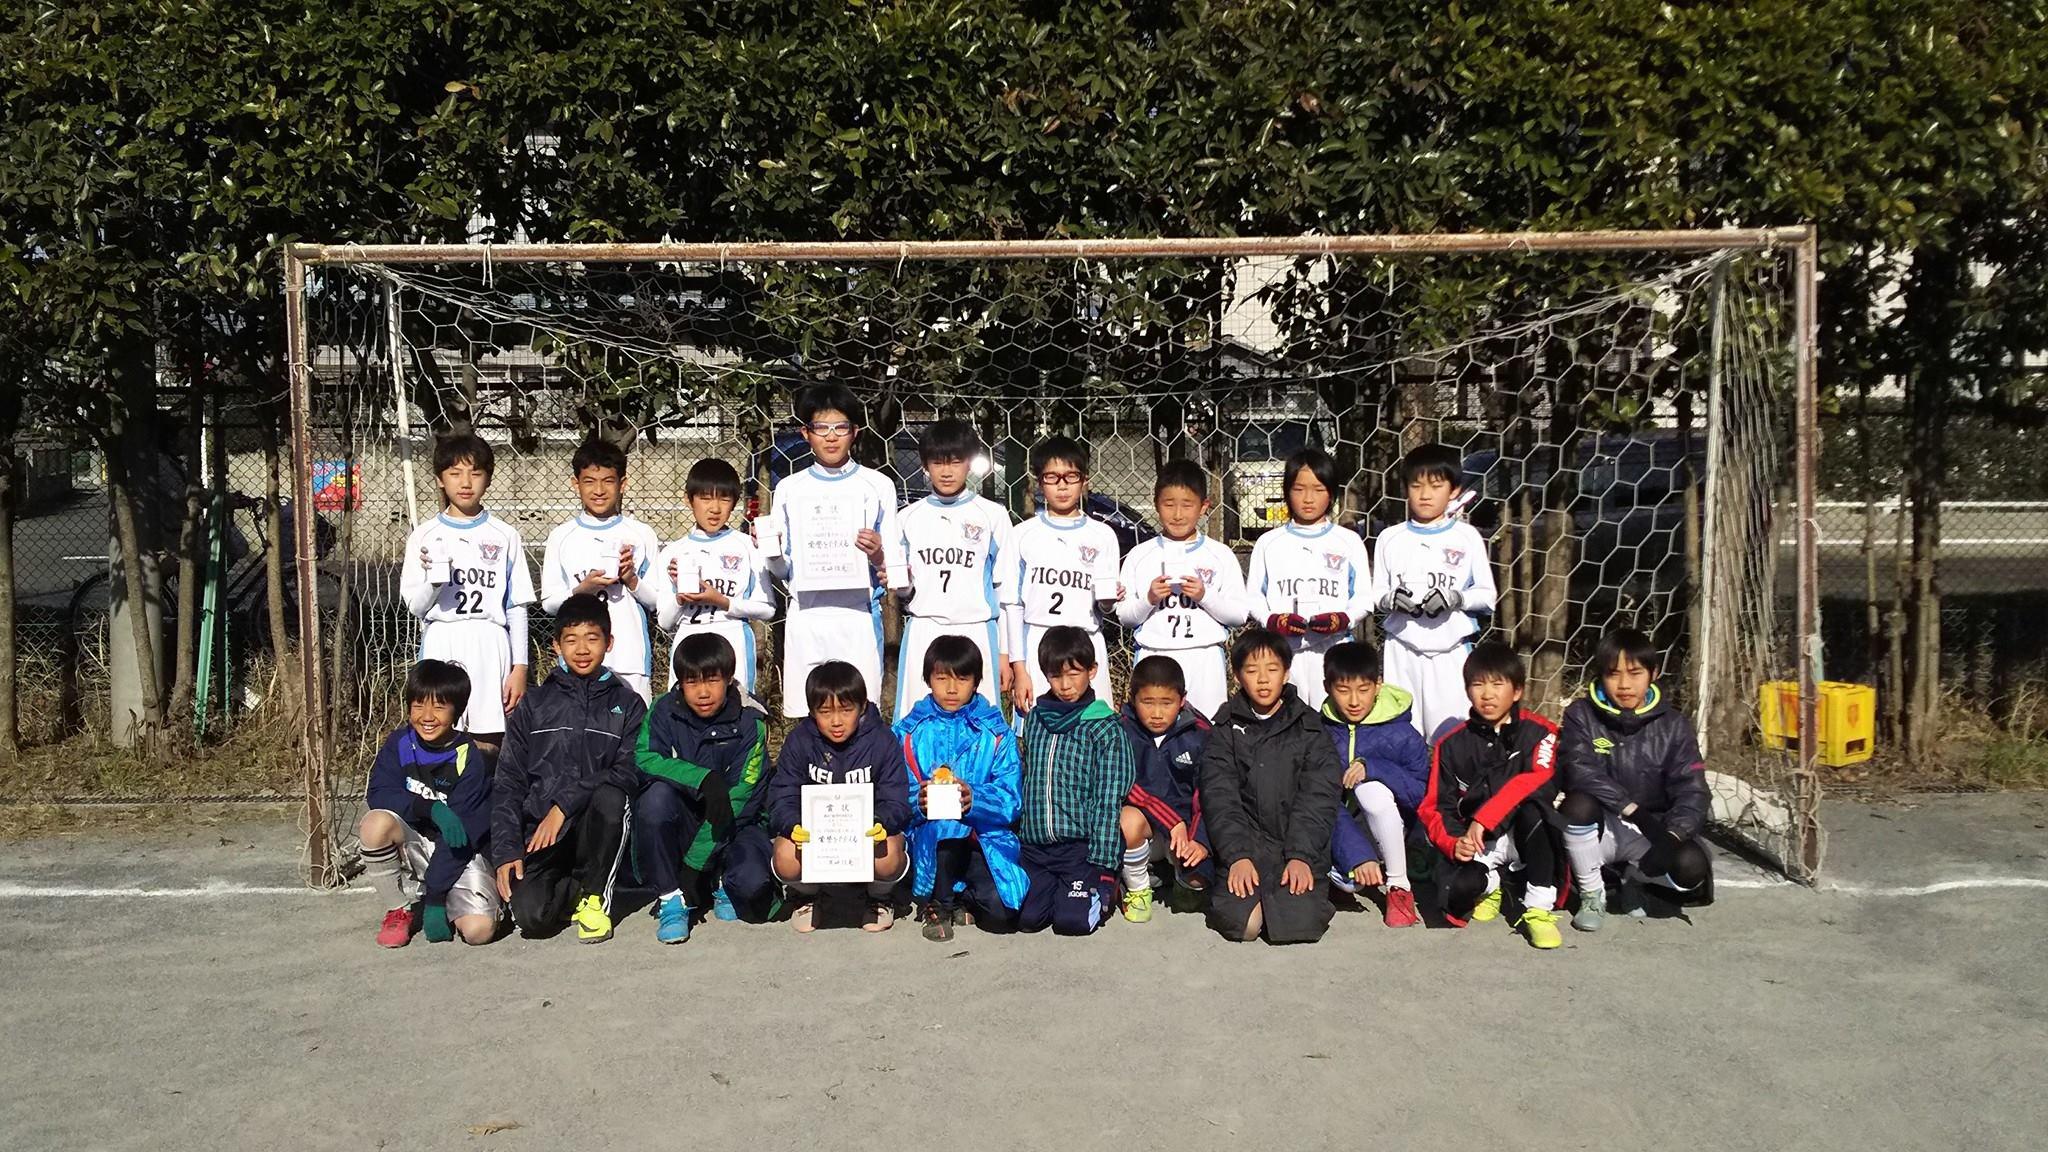 東大和Jr.6年生 東大和市市民体育大会3位入賞!